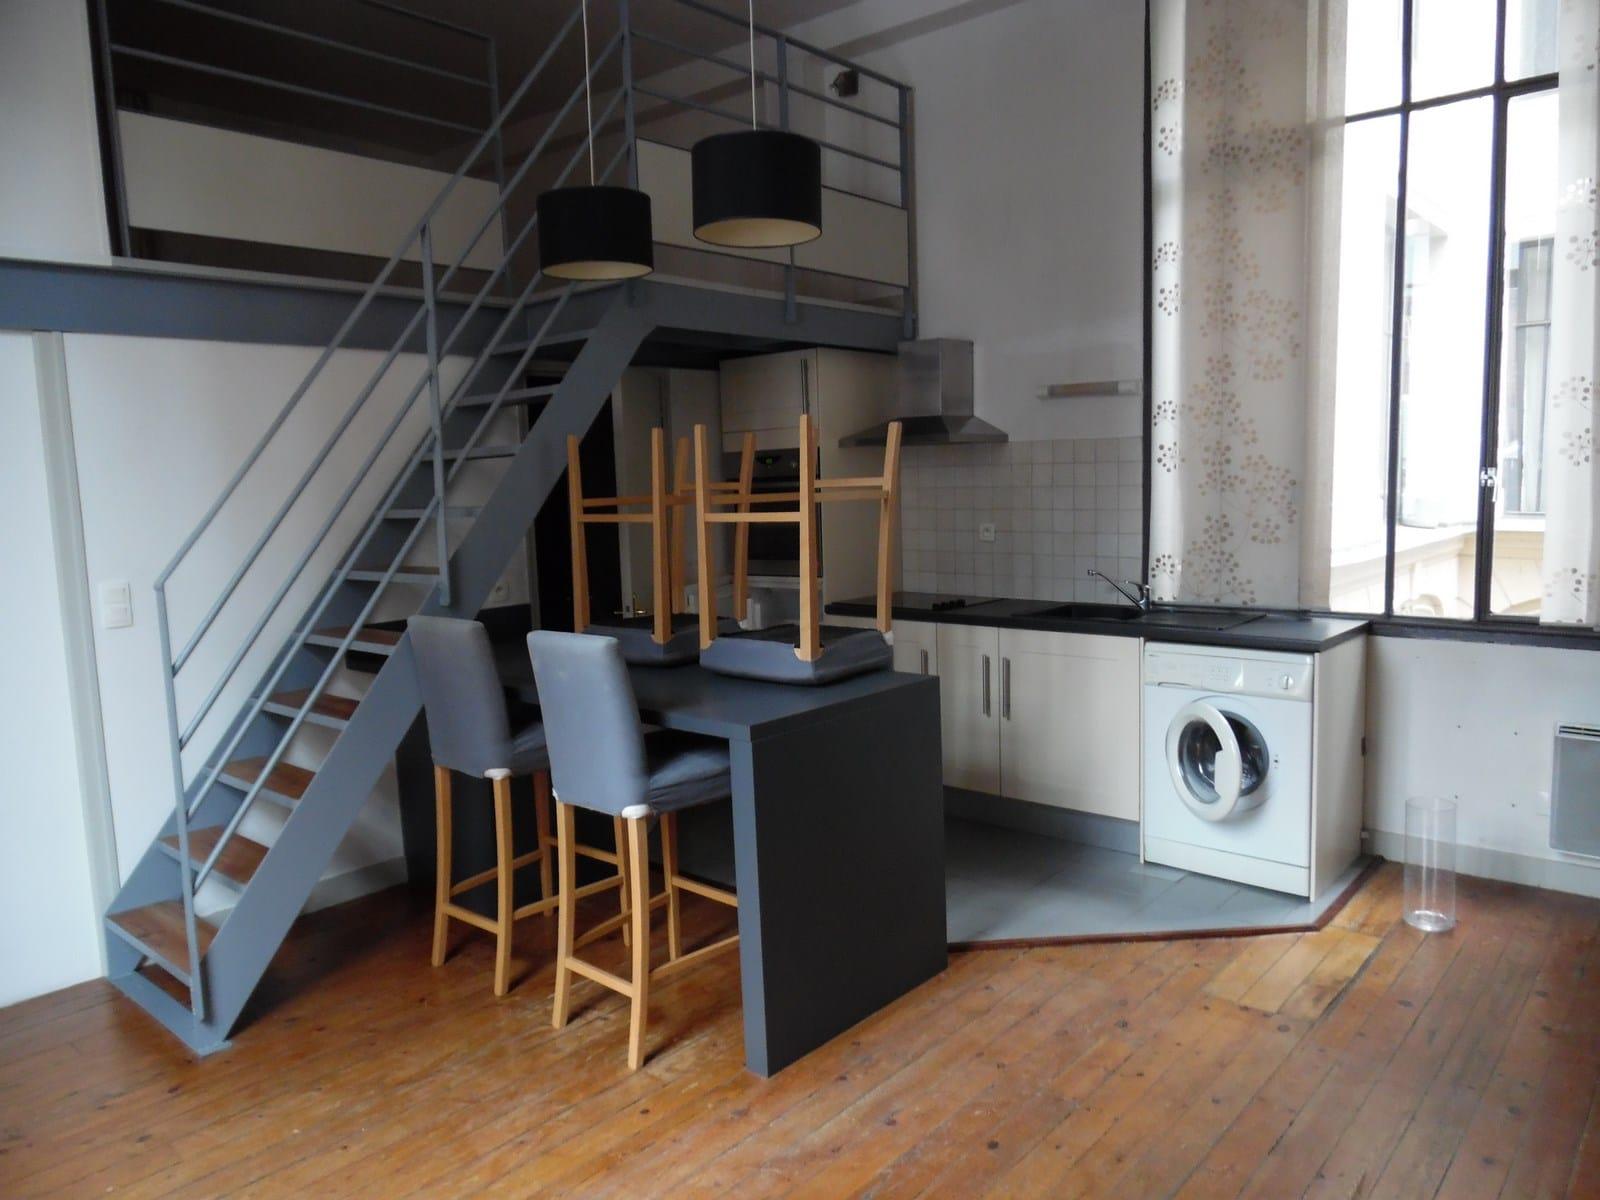 Location appartement Rouen : pourquoi sont ils prisés?